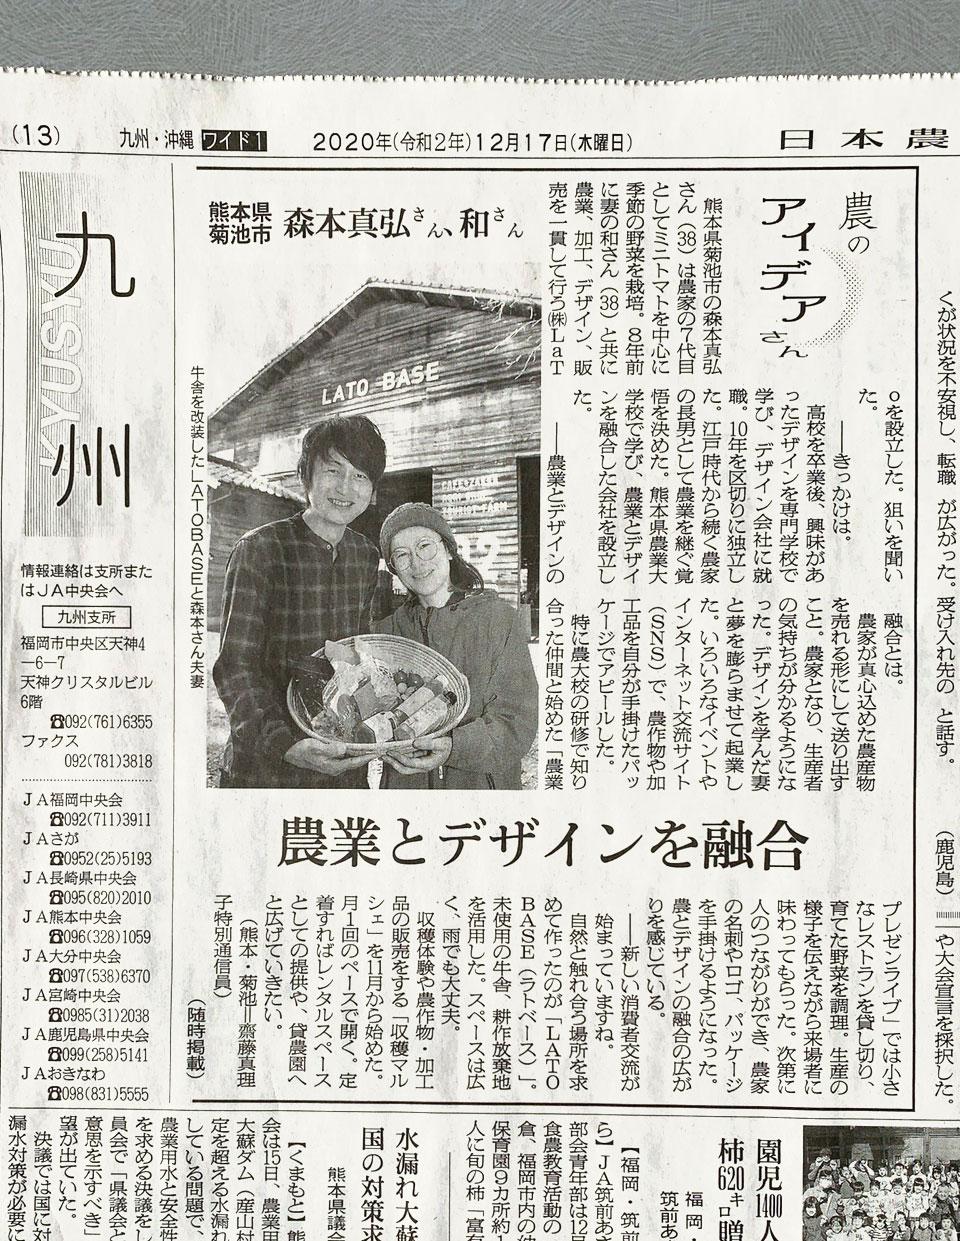 日本農業新聞